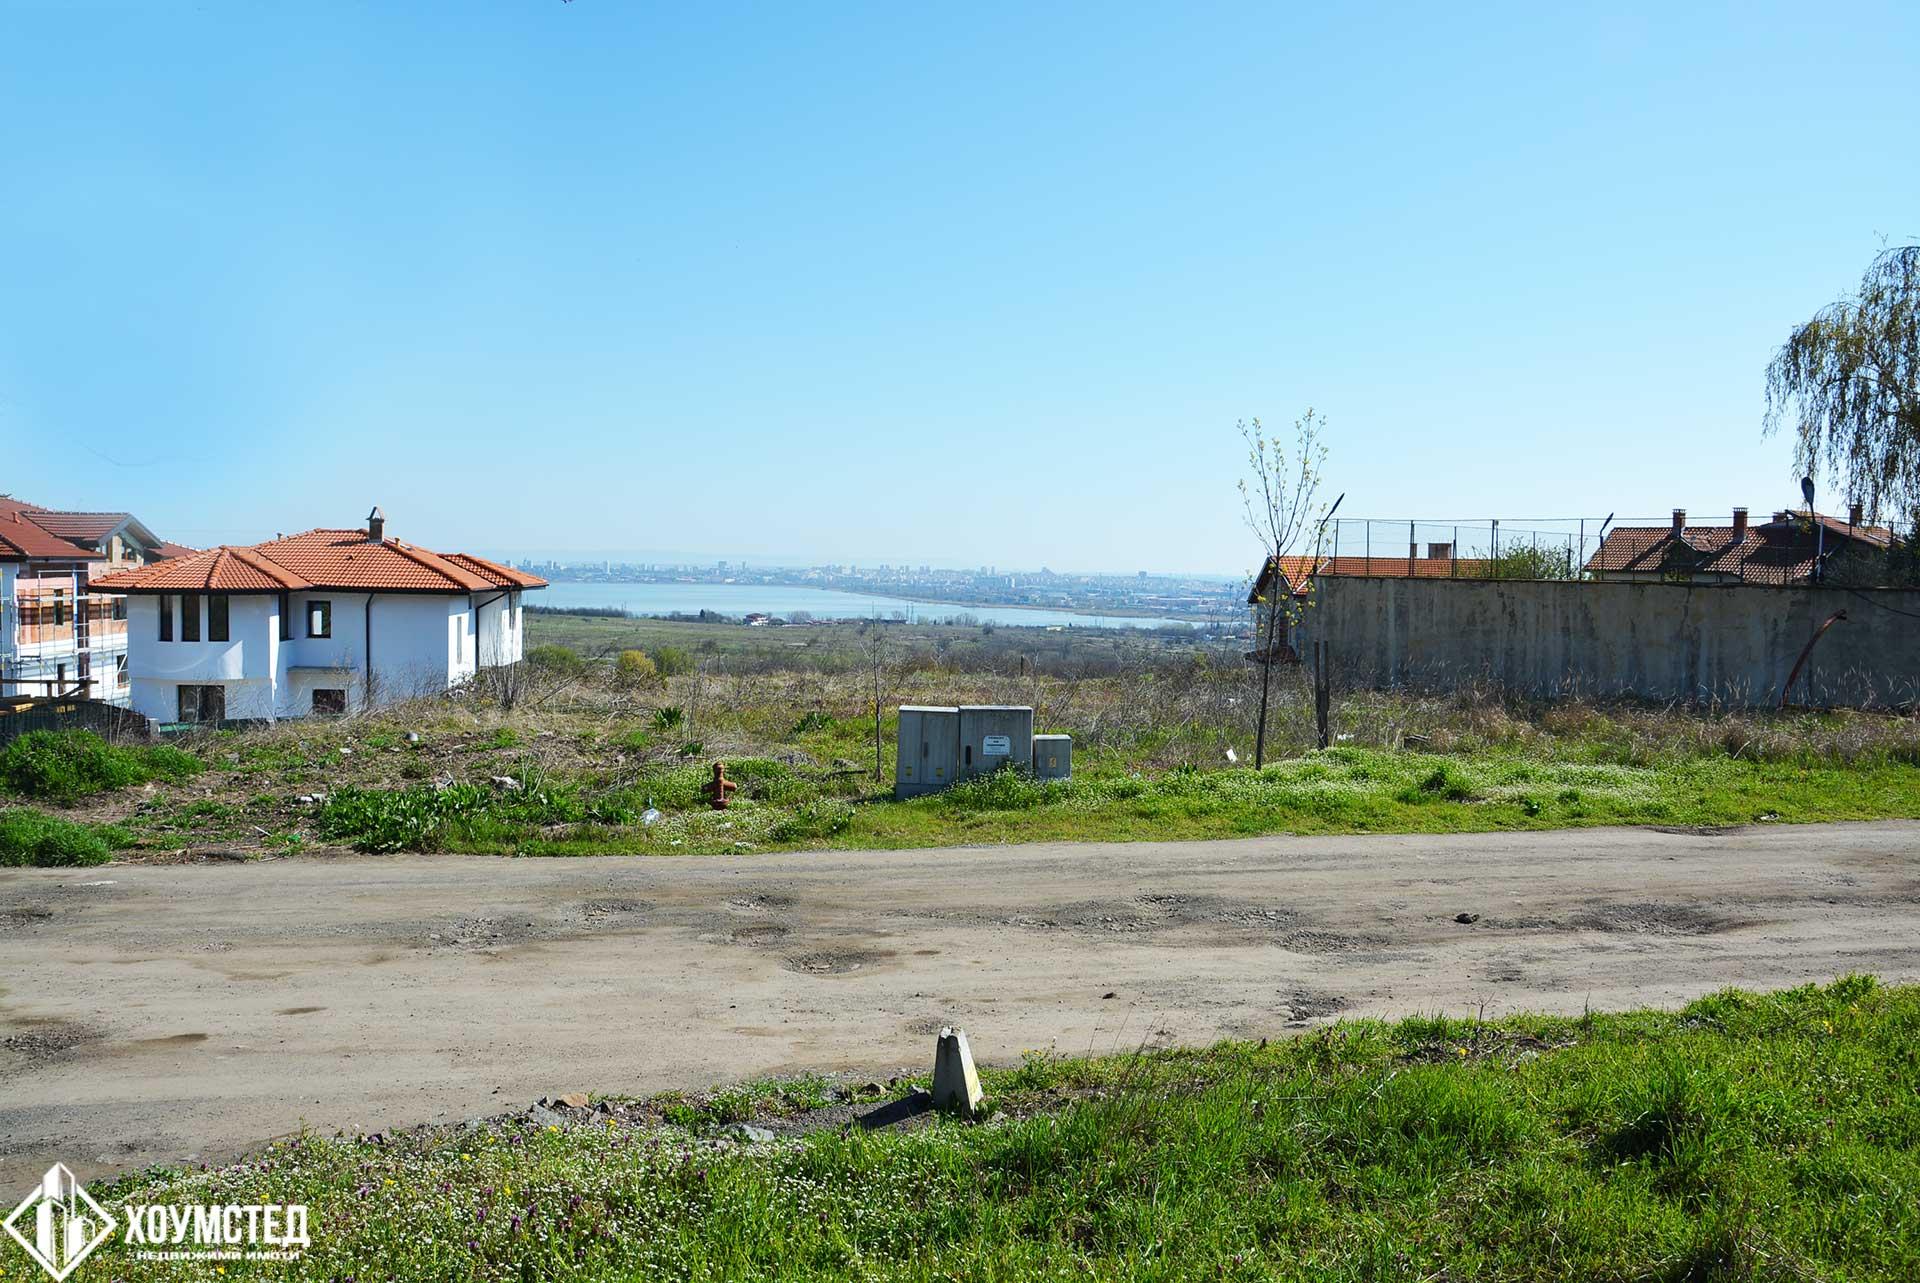 Атрактивен парцел в ж.к. Меден рудник с панорамна гледка